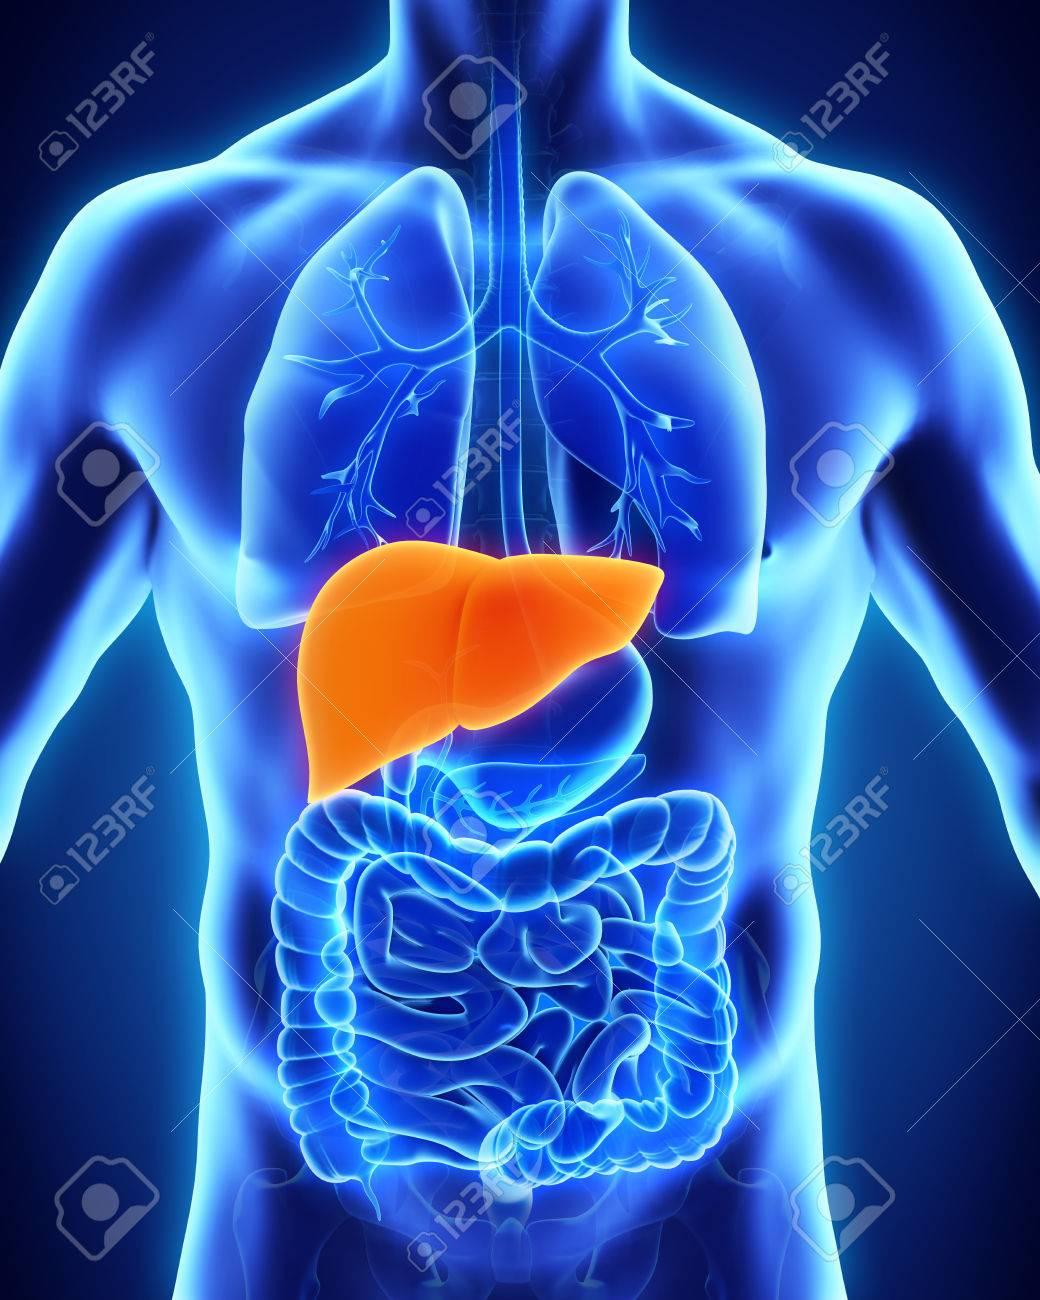 Anatomía De Hígado Humano Fotos, Retratos, Imágenes Y Fotografía De ...